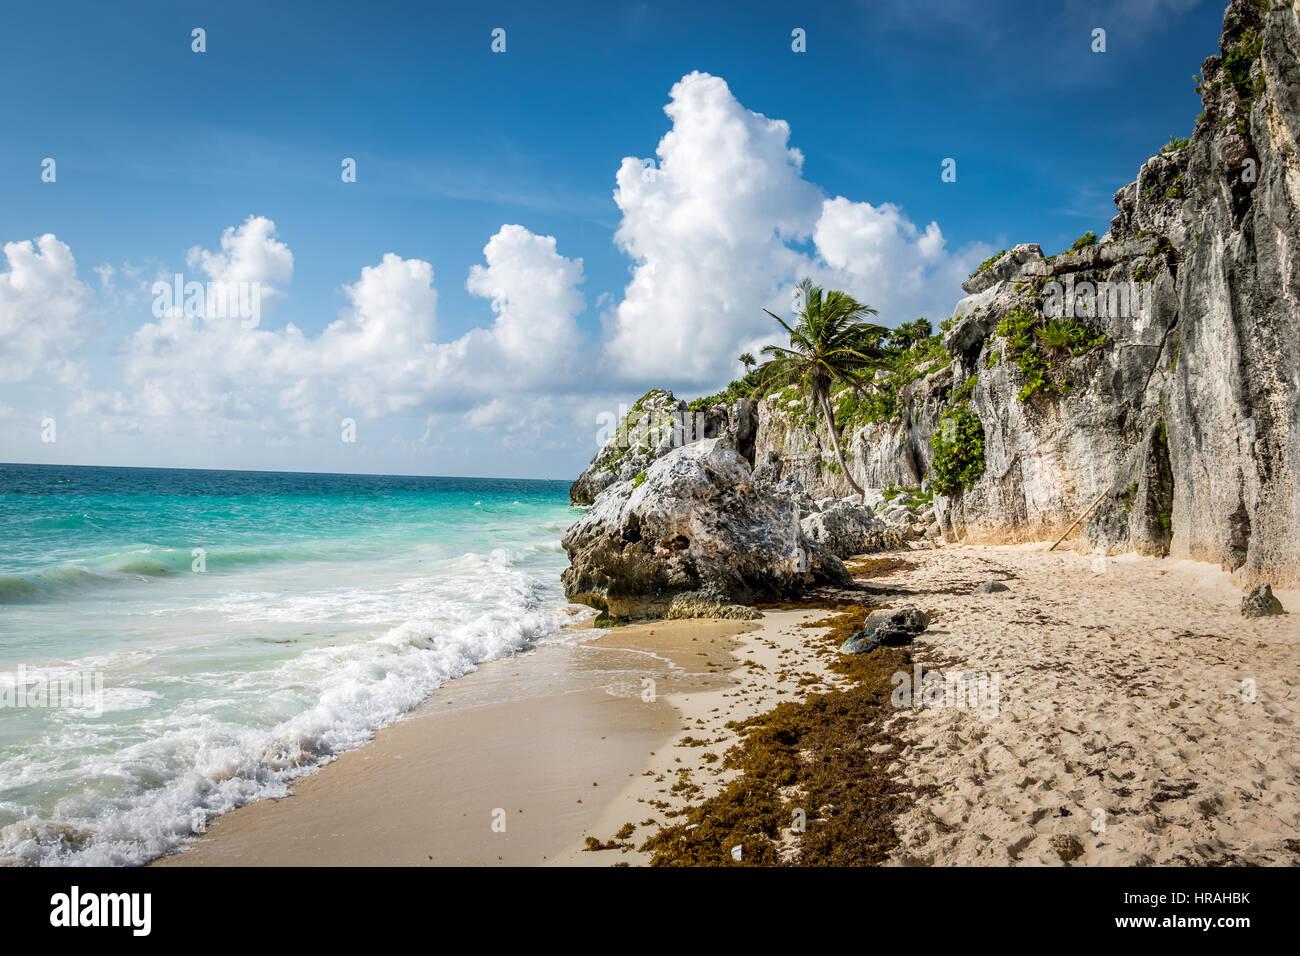 Mar dei Caraibi e rocce - rovine Maya di Tulum in Messico Immagini Stock